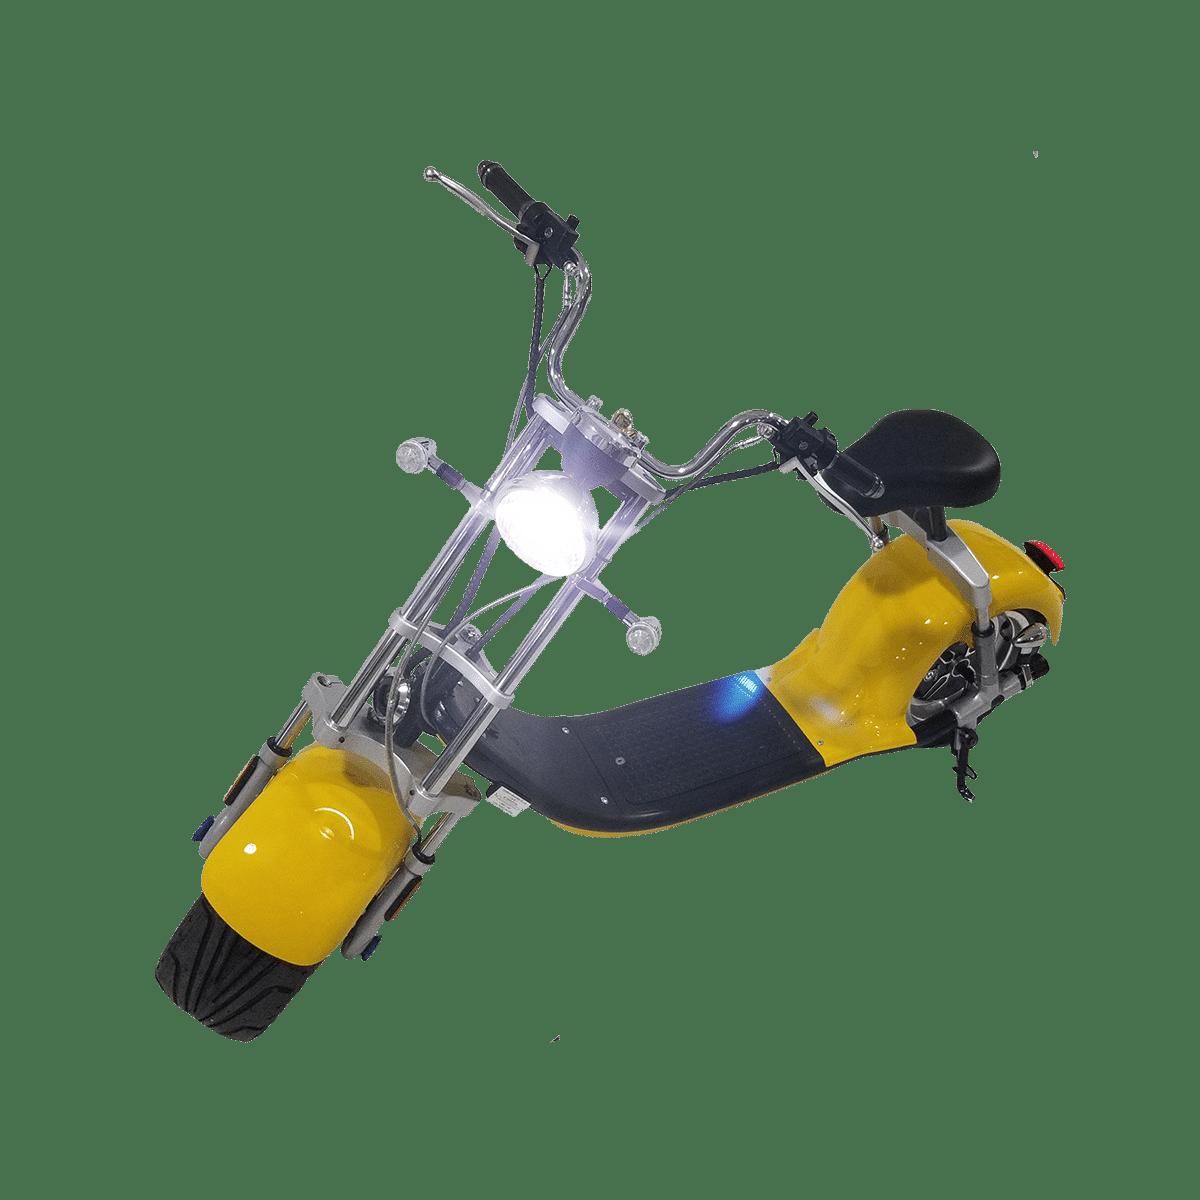 Citycoco Harley Deluxe Jaune 1190€